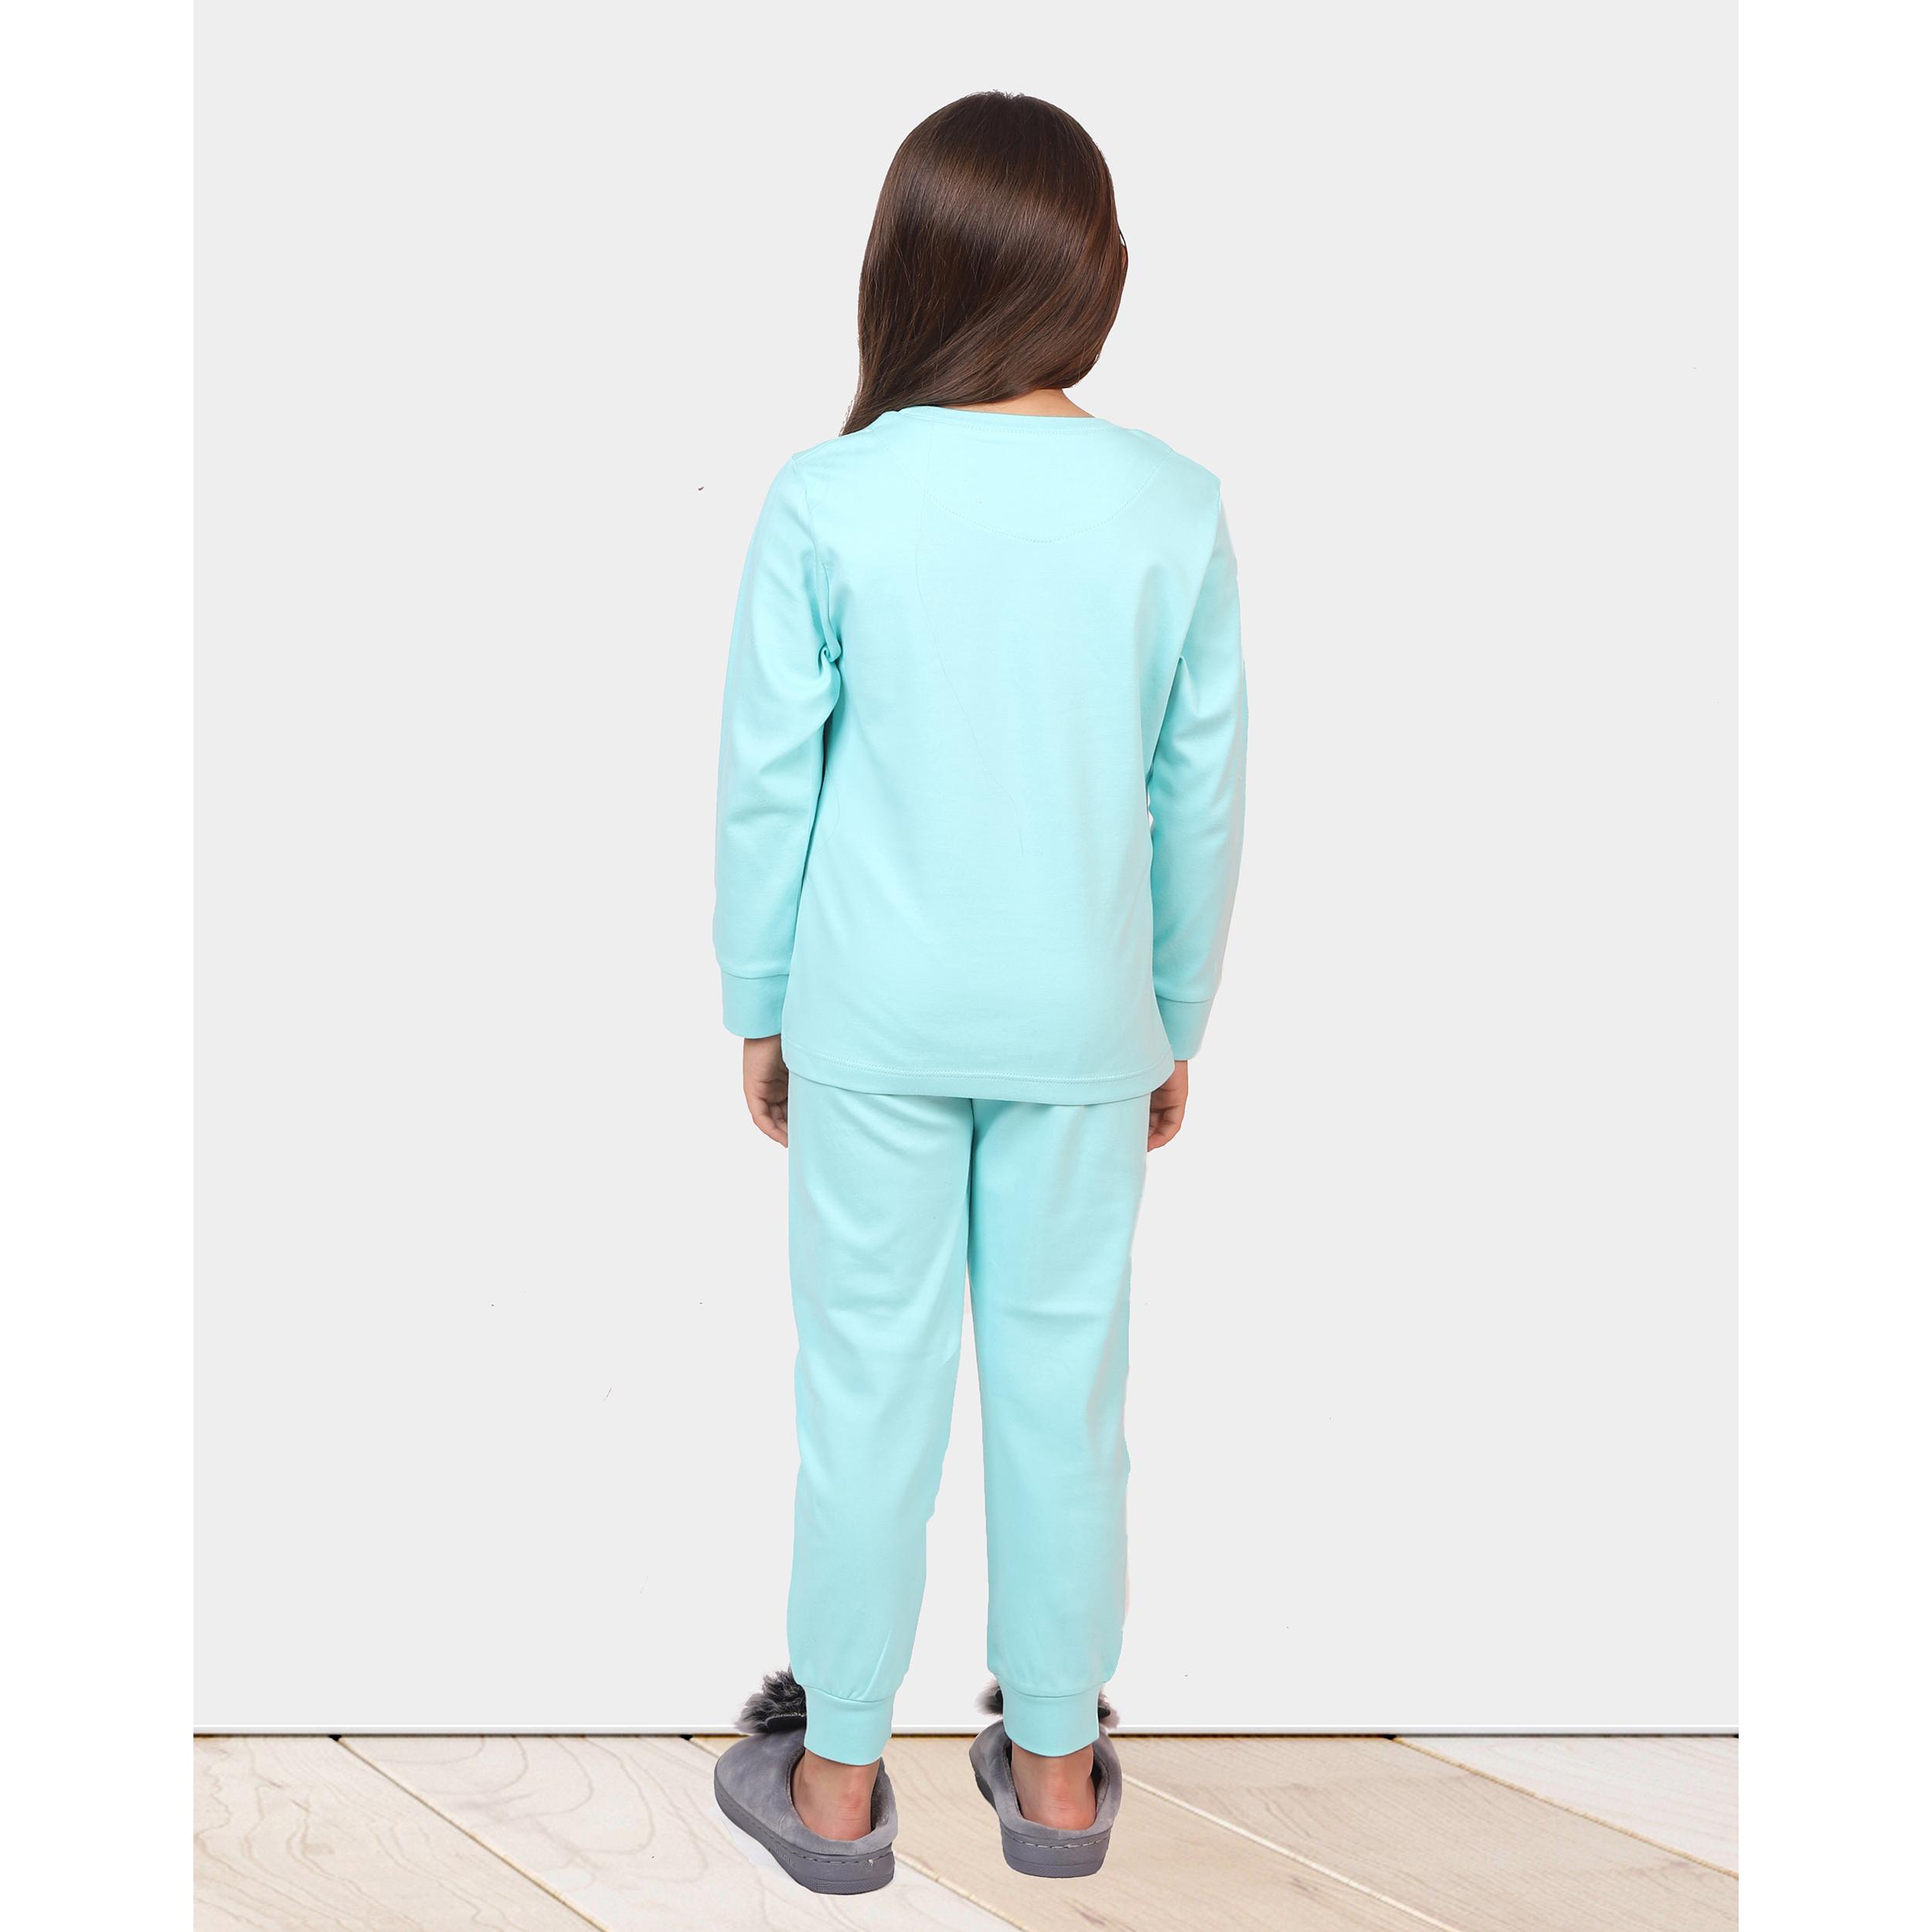 ست تی شرت و شلوار دخترانه مادر مدل 303-54 main 1 12